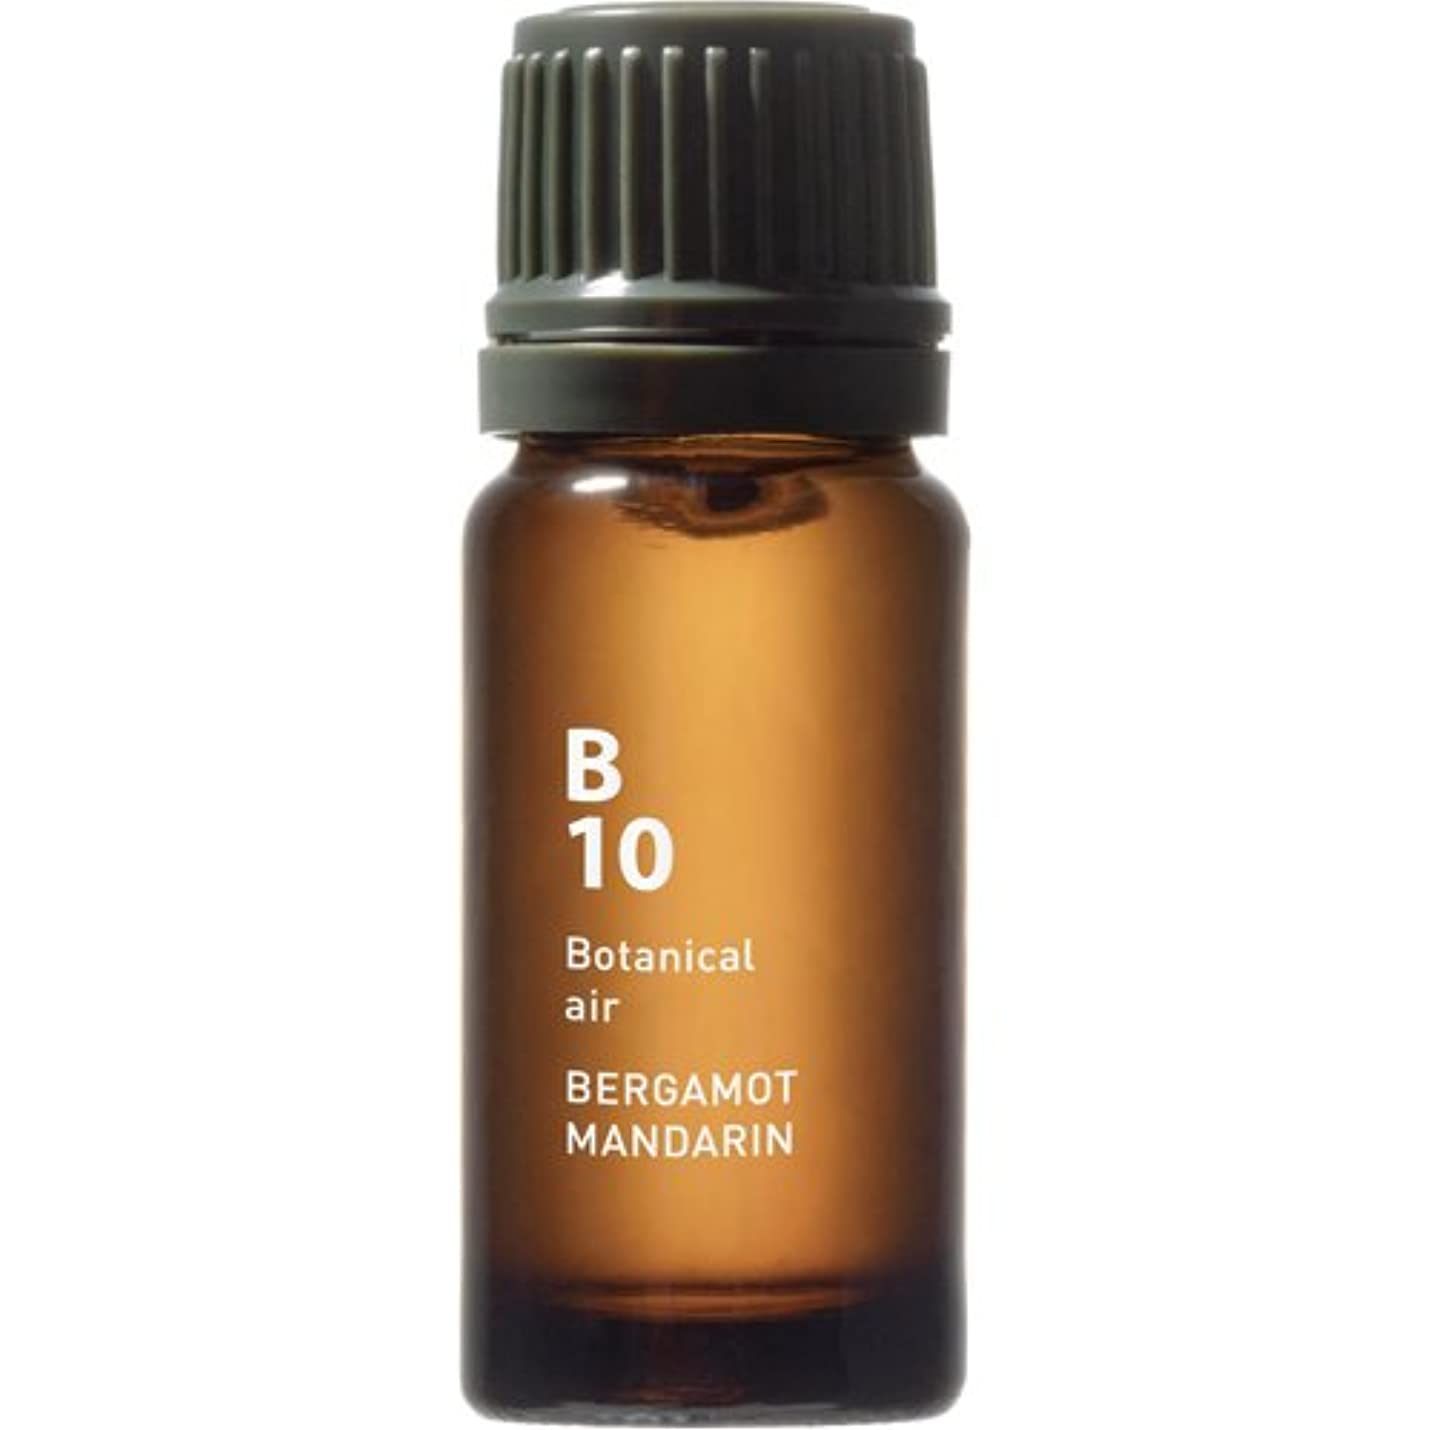 ポルノでお勧めB10 ベルガモットマンダリン Botanical air(ボタニカルエアー) 10ml